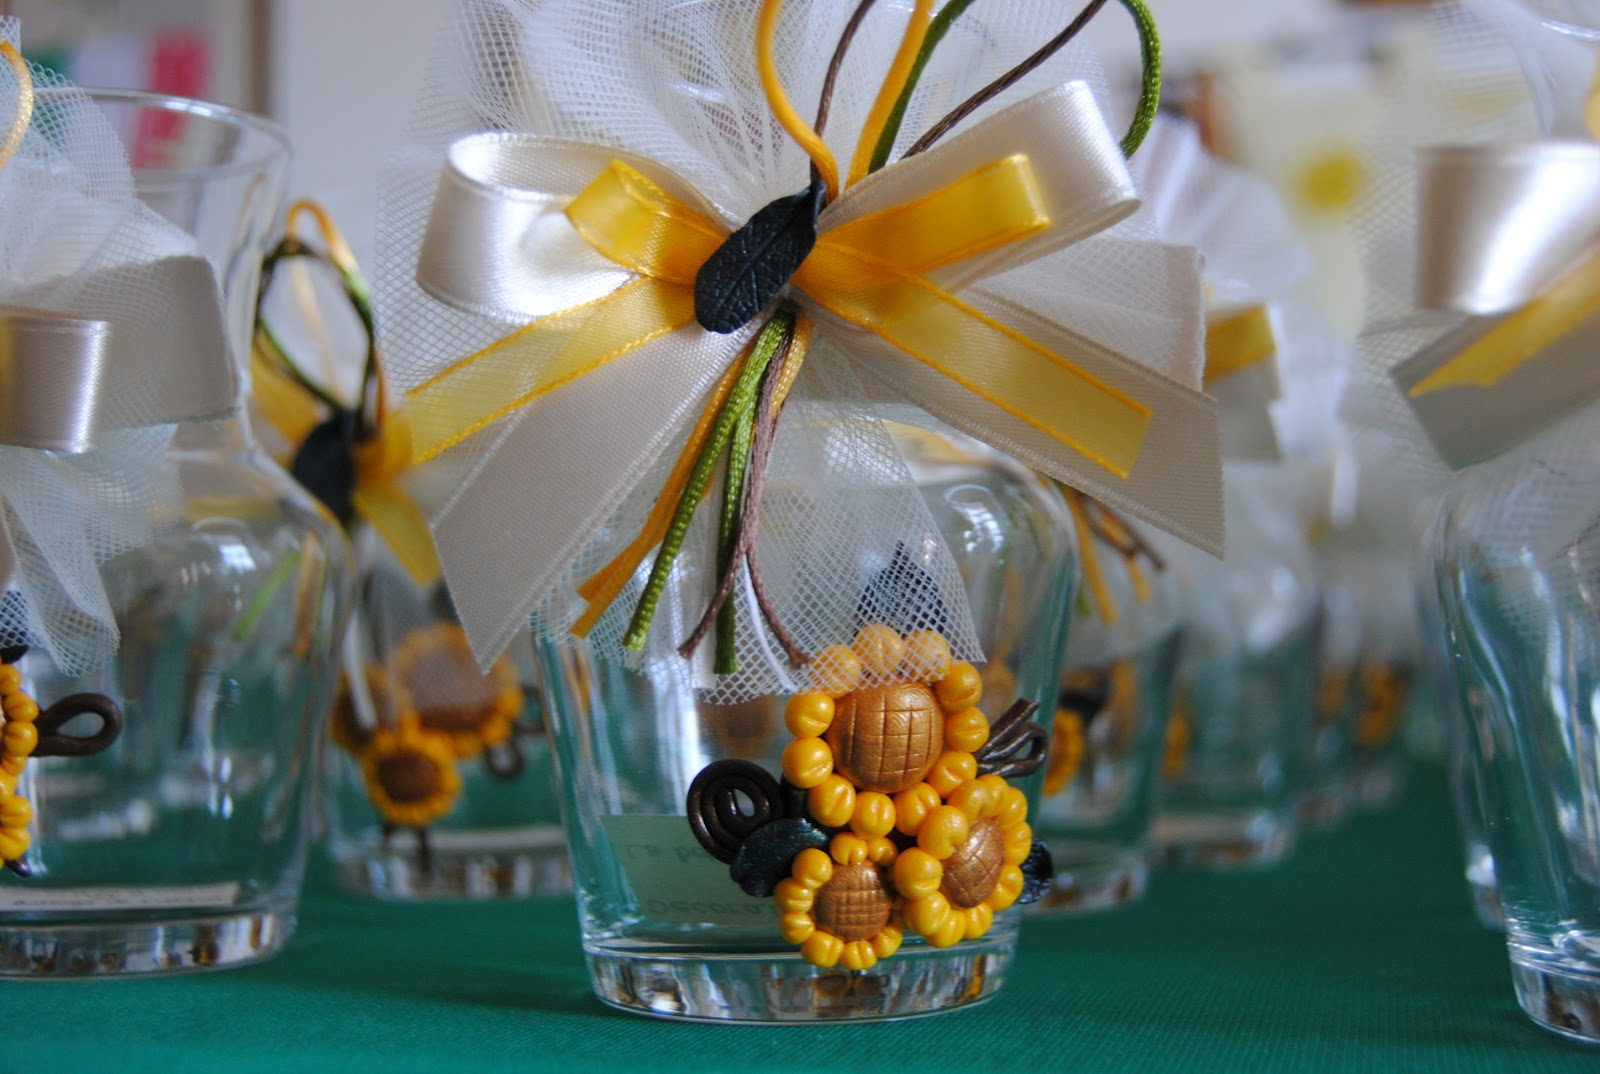 Bomboniere Matrimonio Girasoli : La bottega di lilliput bomboniere girasoli